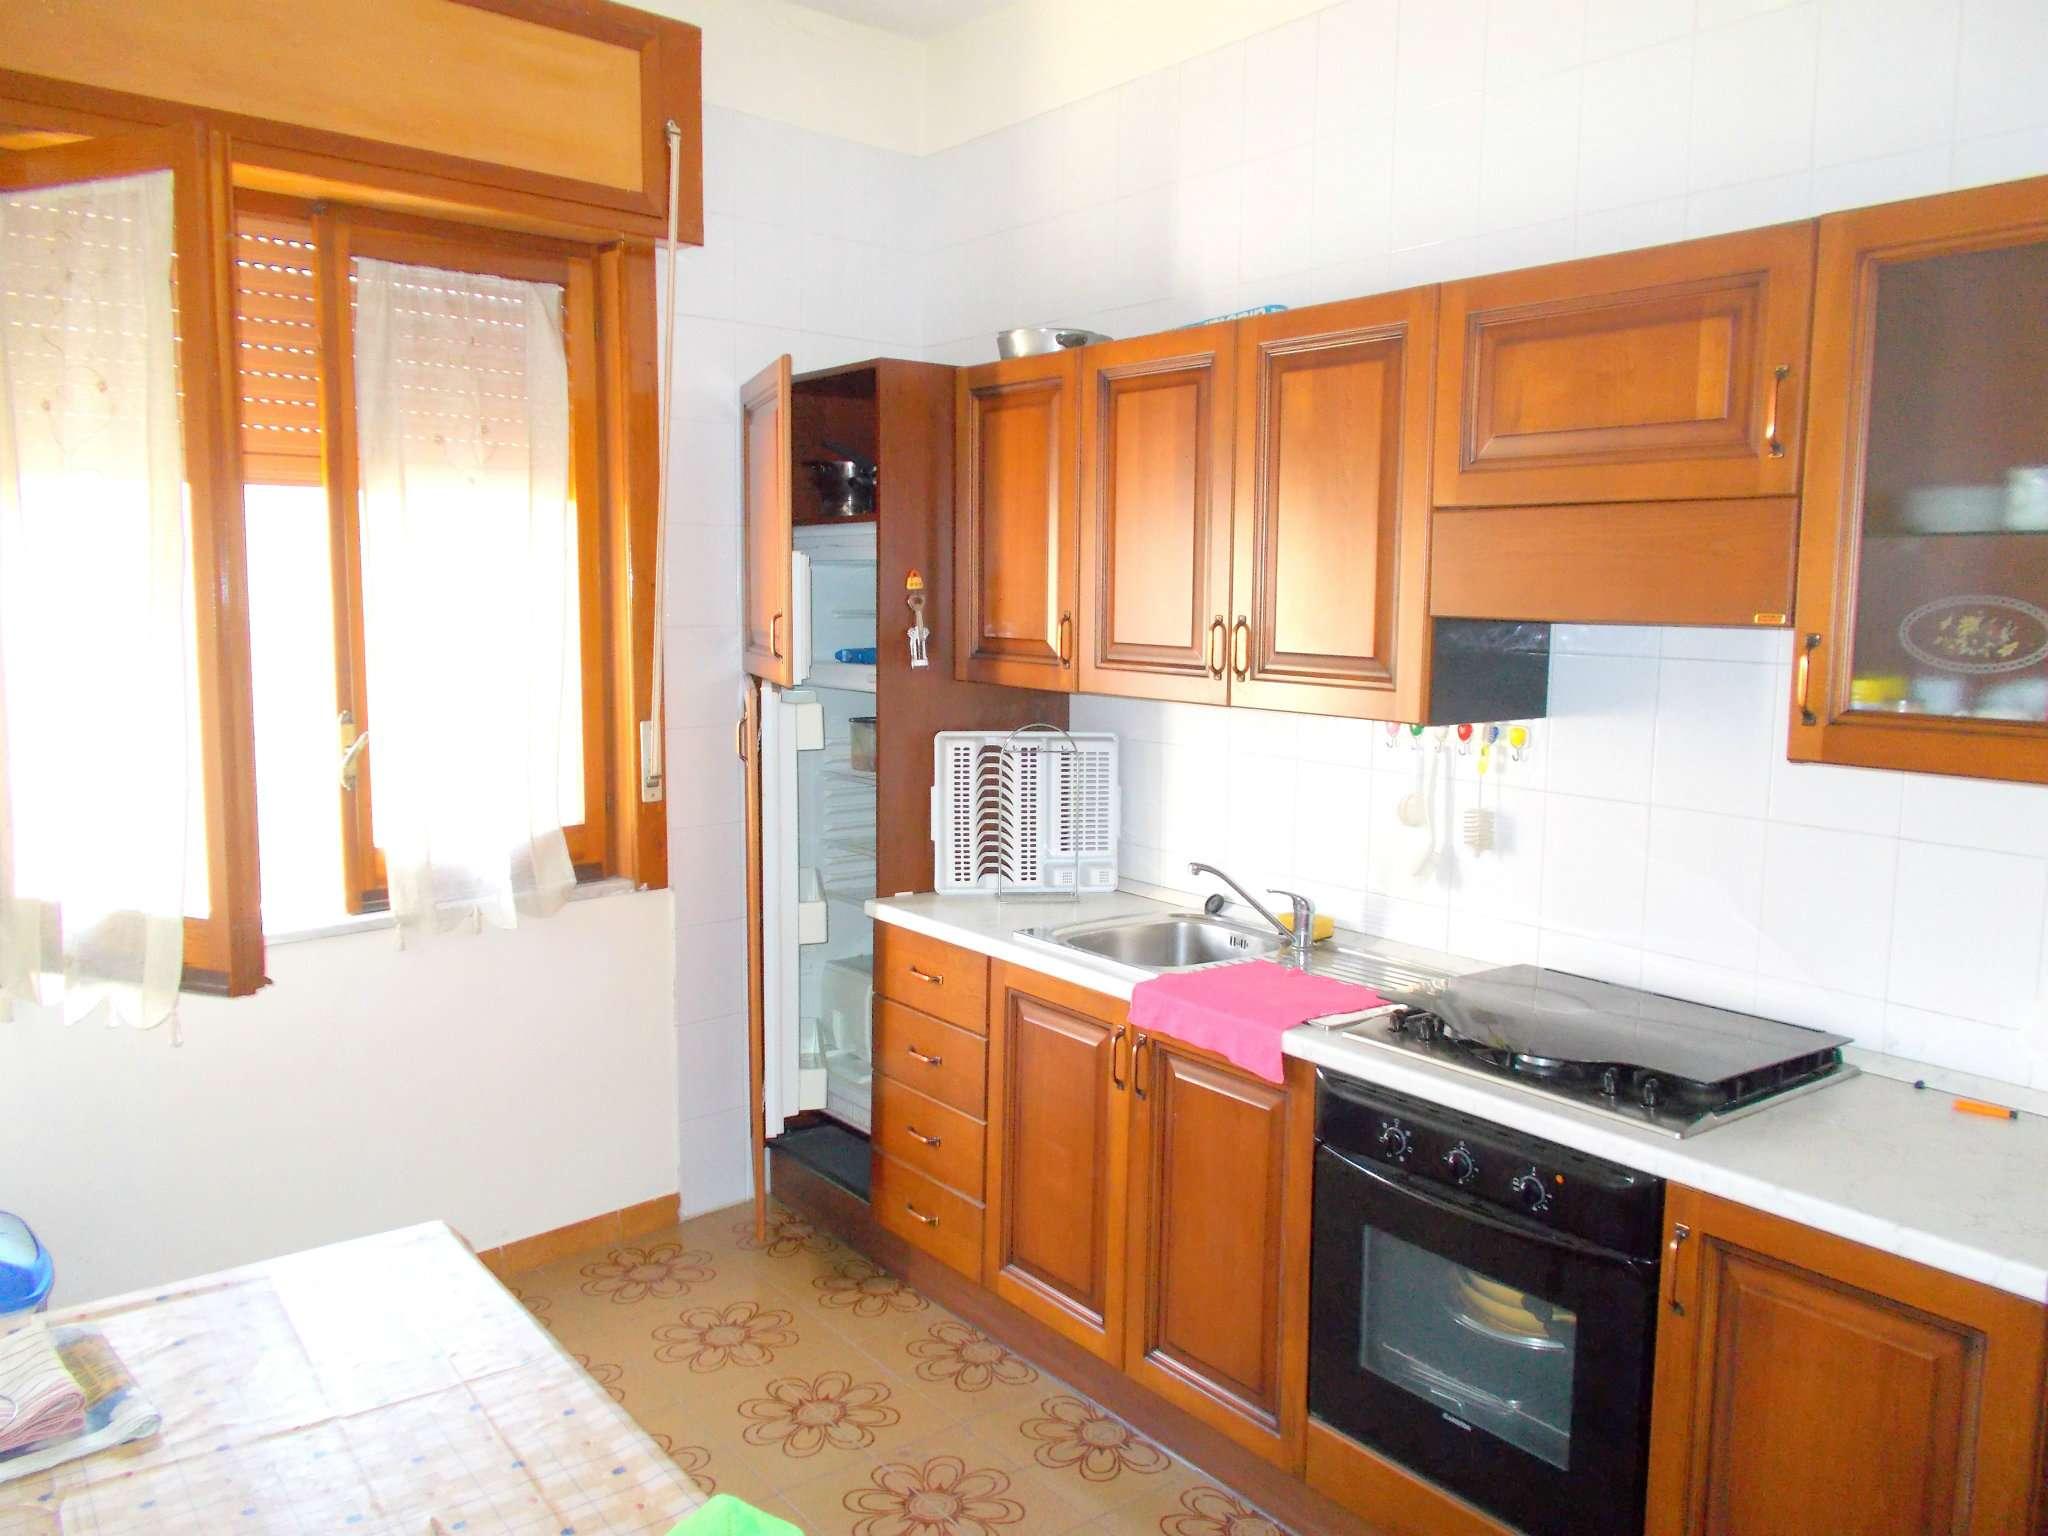 Soluzione Indipendente in vendita a Santa Maria a Vico, 6 locali, prezzo € 47.000 | CambioCasa.it